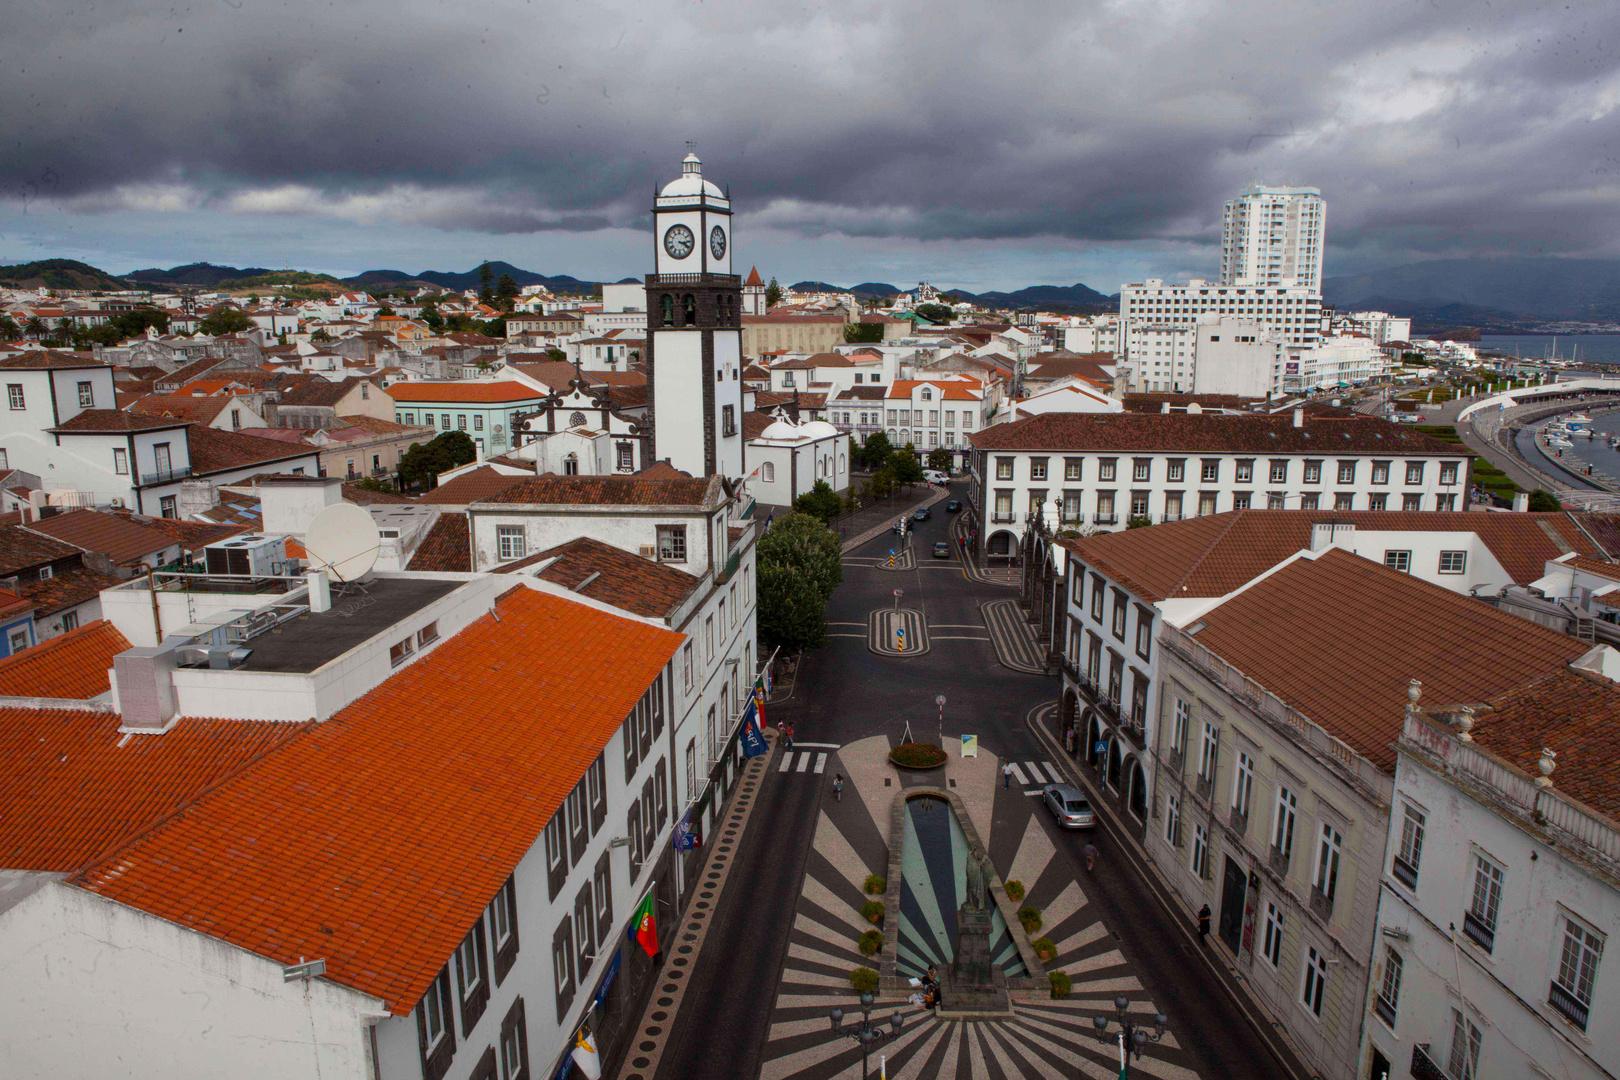 Ponta Delgada, über den Dächern der Stadt